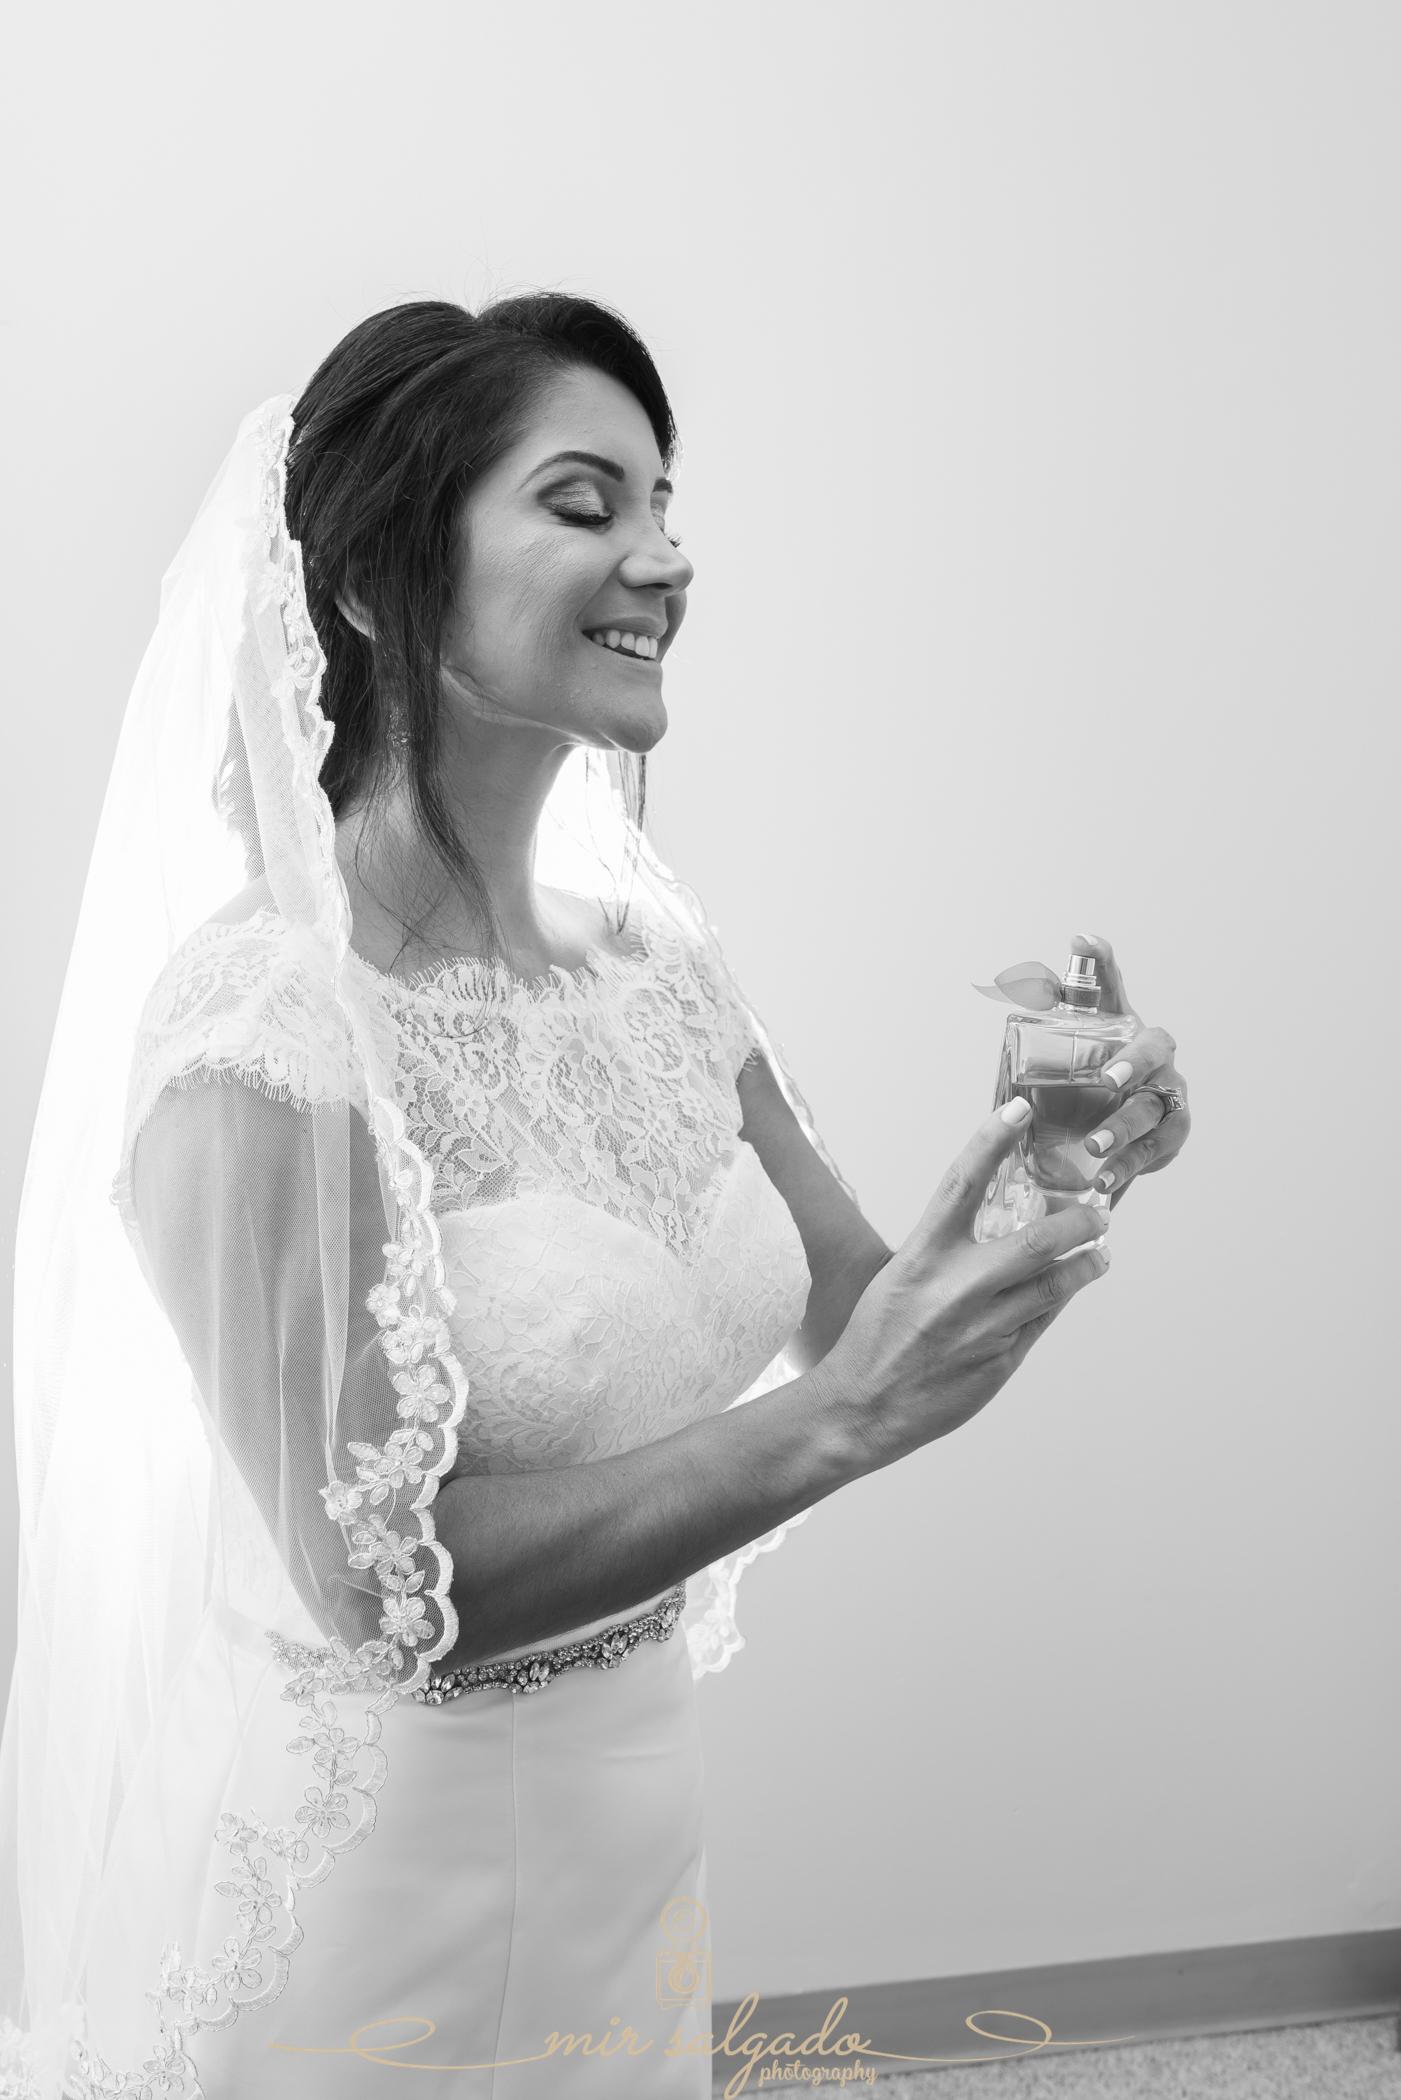 Bride-getting-photo, Bok-tower-gardens-wedding